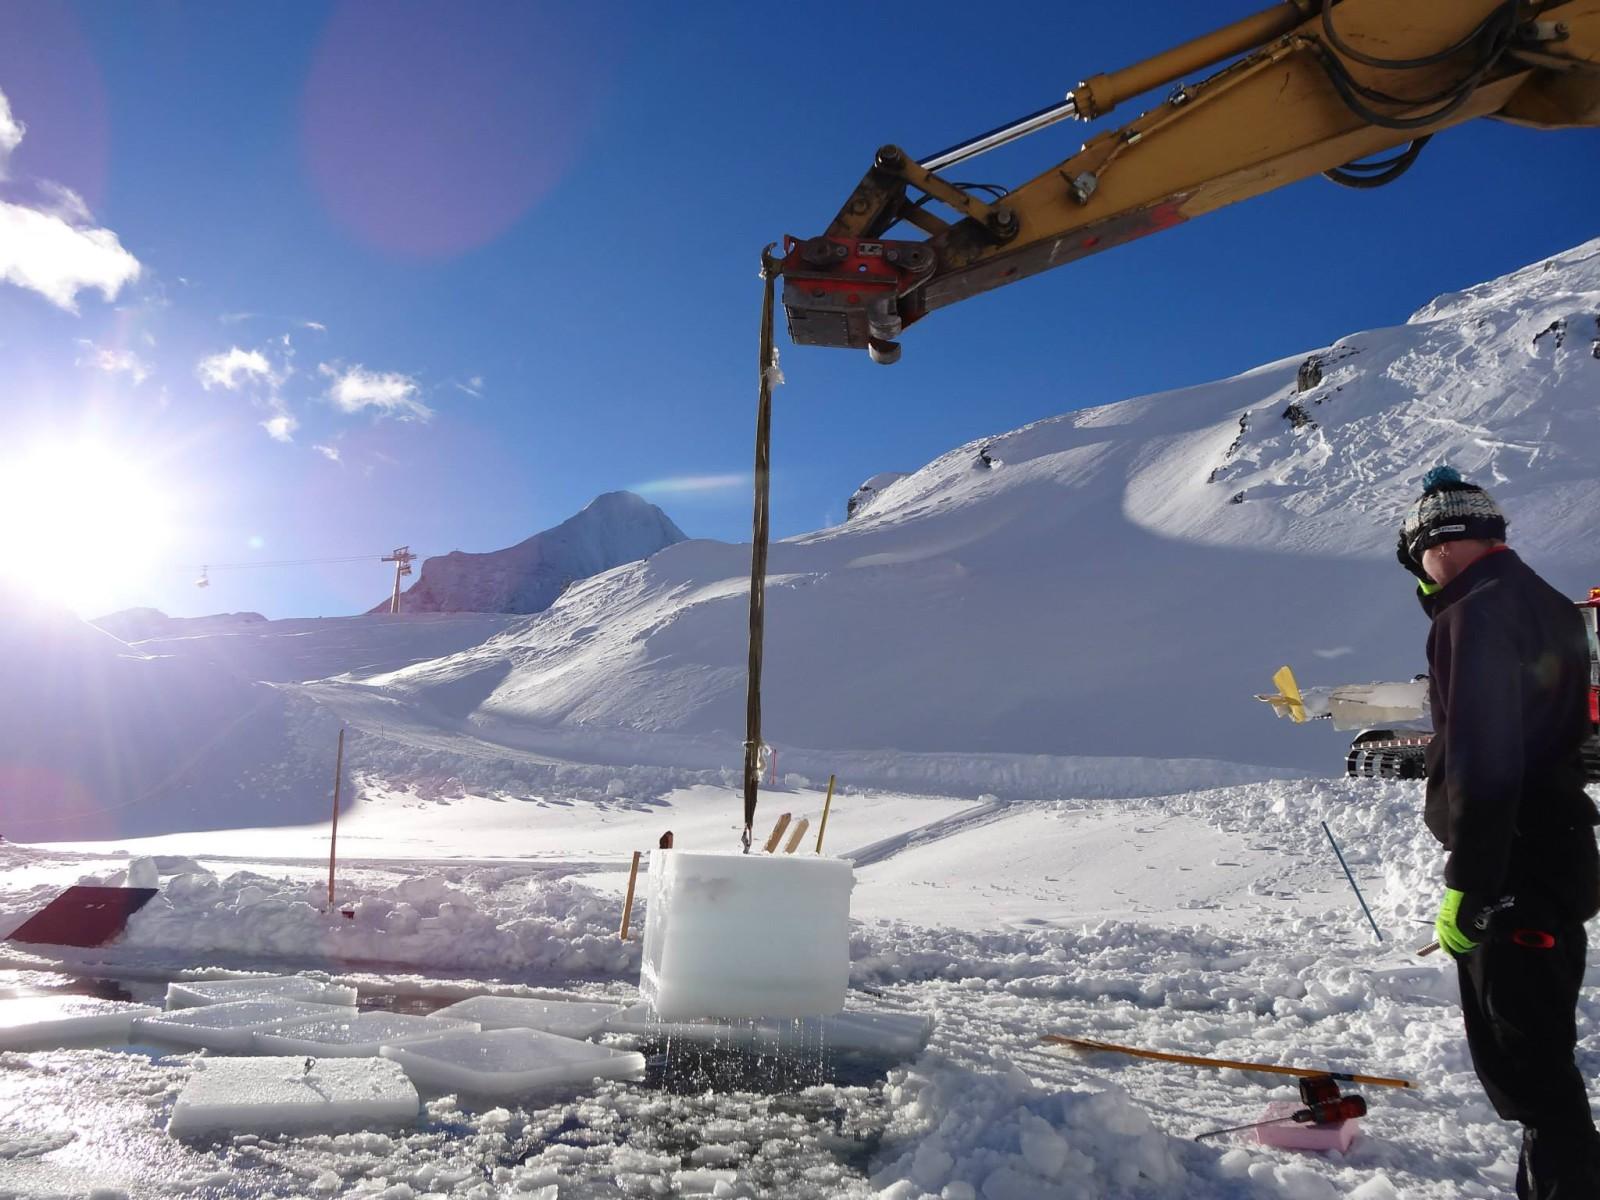 Aus dem nahen Bergsee werden die Eisblöcke geschnitten...